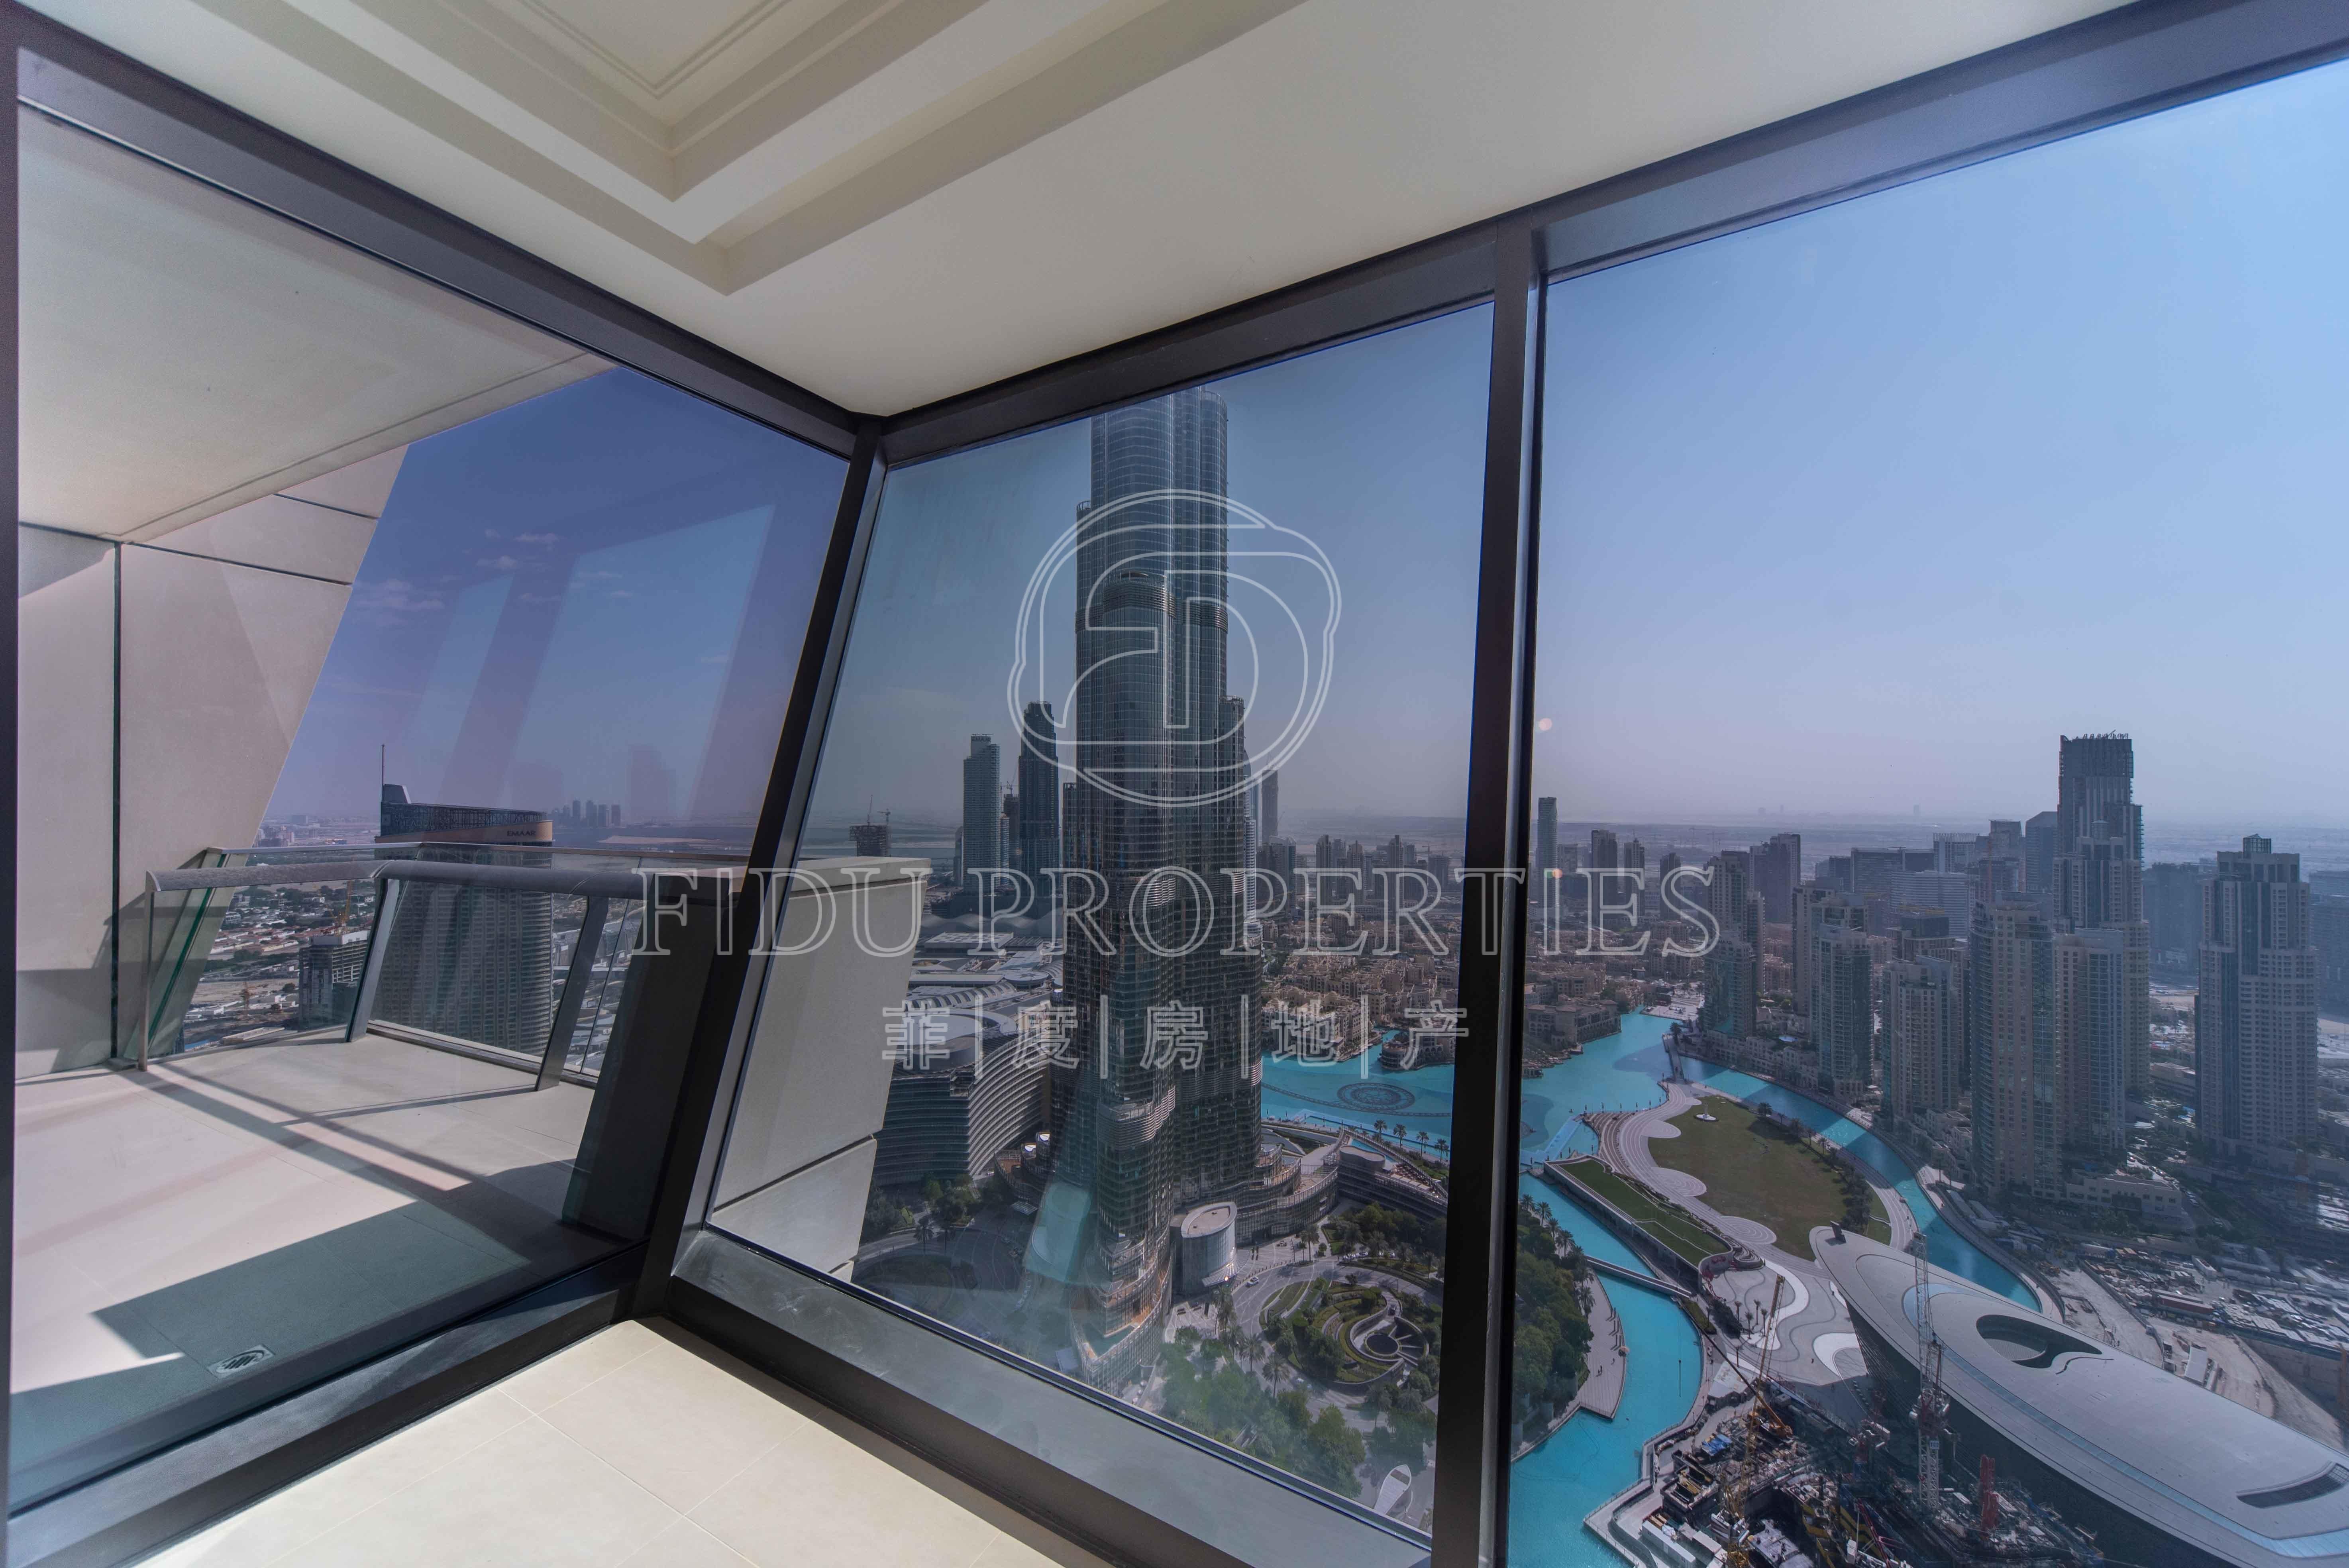 B/Khalifa and Fountain View | ...